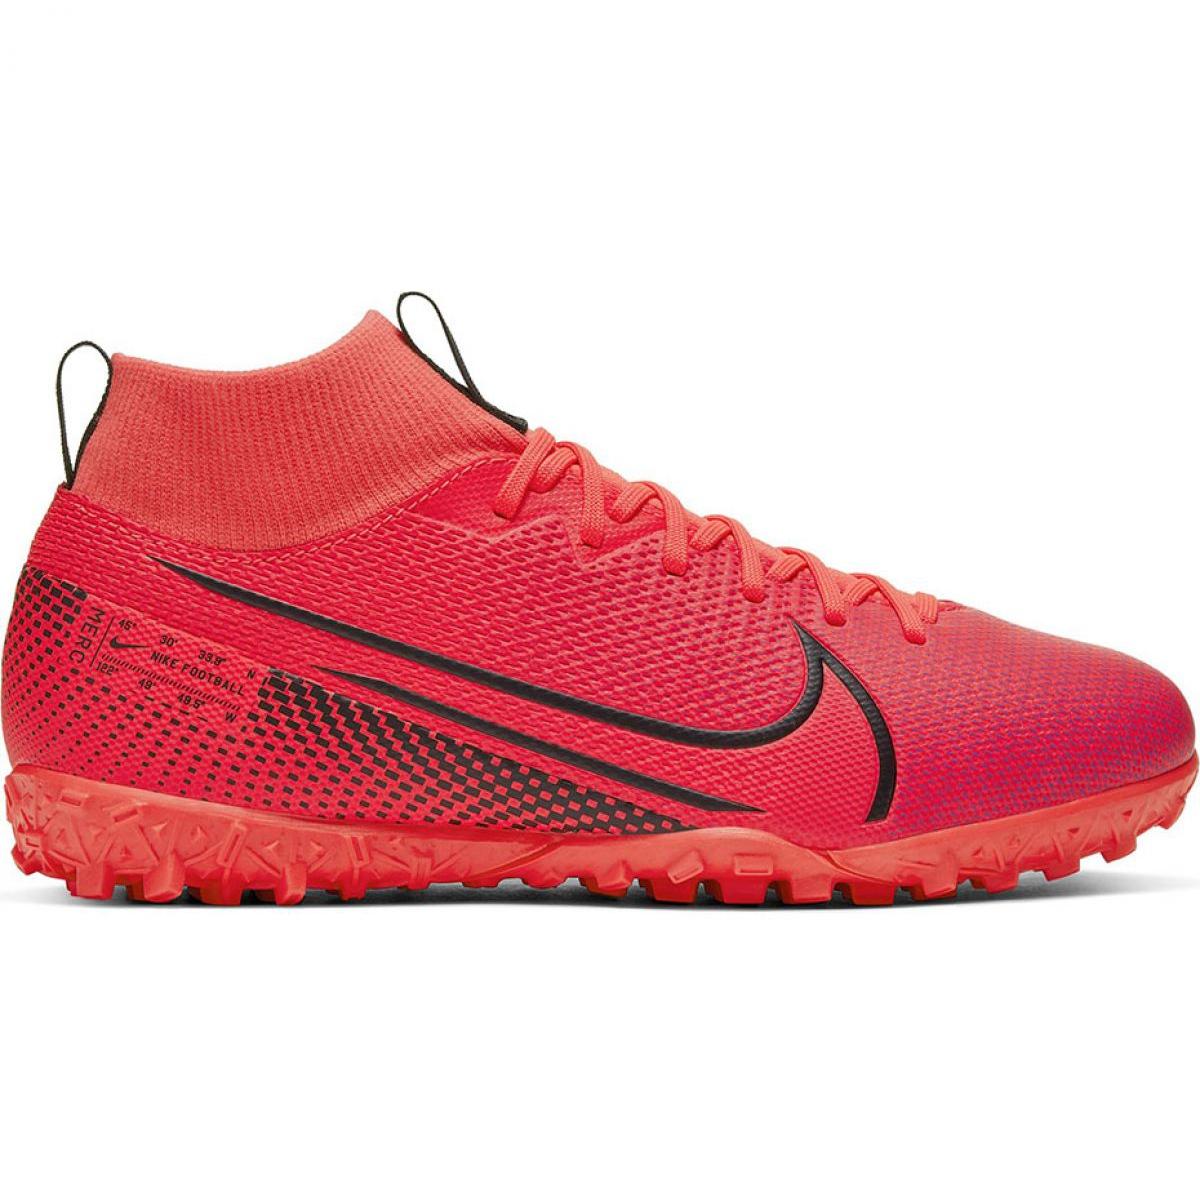 Scarpe-da-calcio-Nike-Mercurial-Superfly-7-Academy-Tf-M-AT7978-606-rosso-rosso